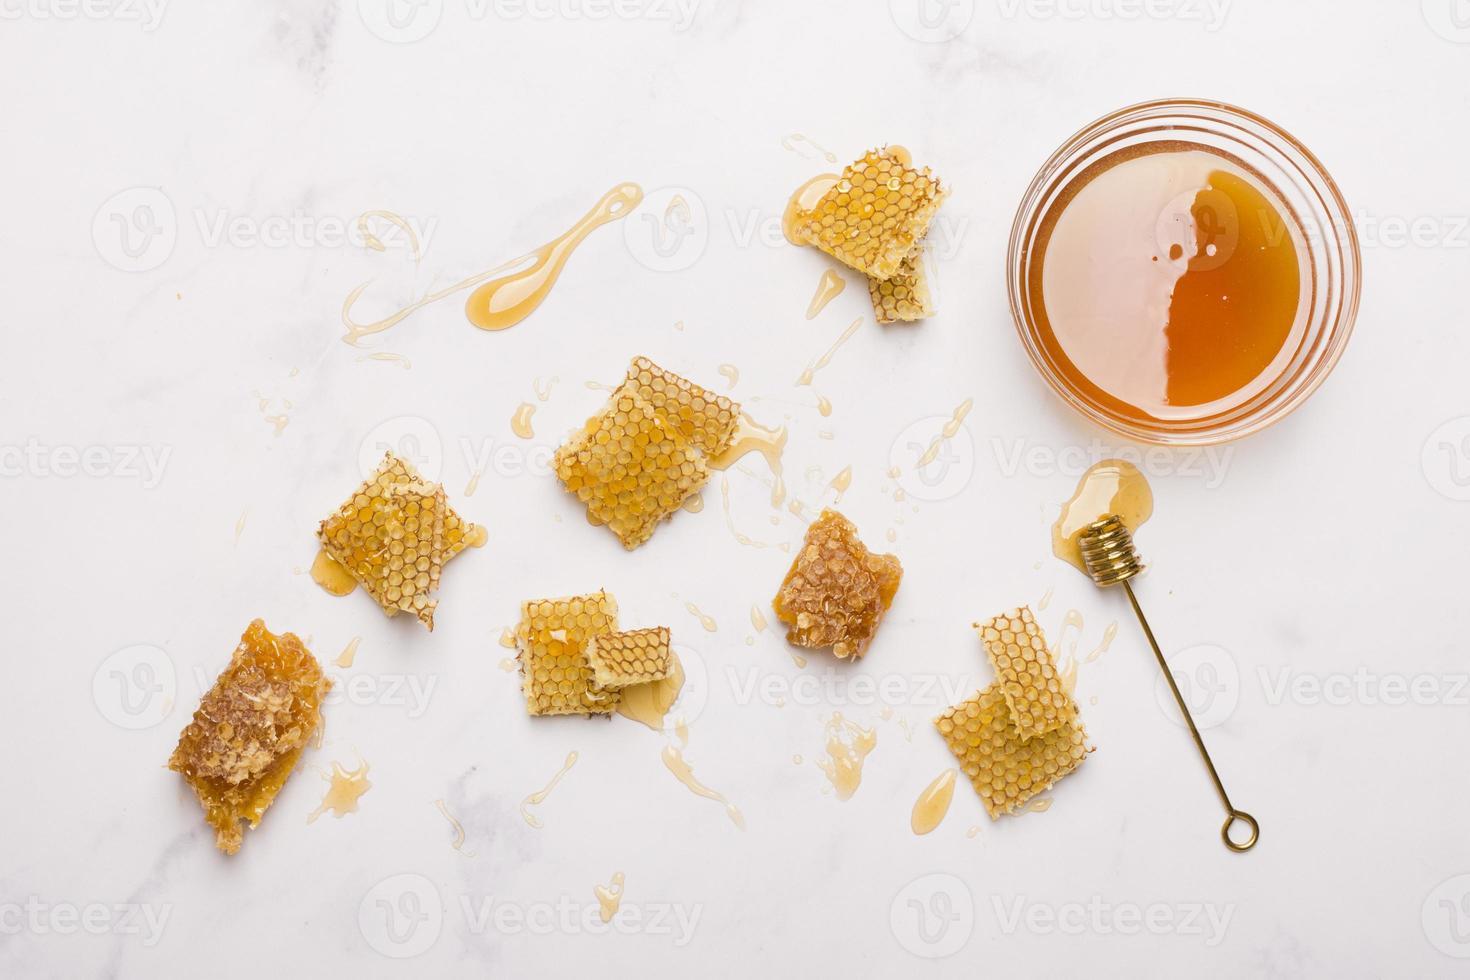 vaso di vetro pieno di miele con un cucchiaio di miele su sfondo bianco foto